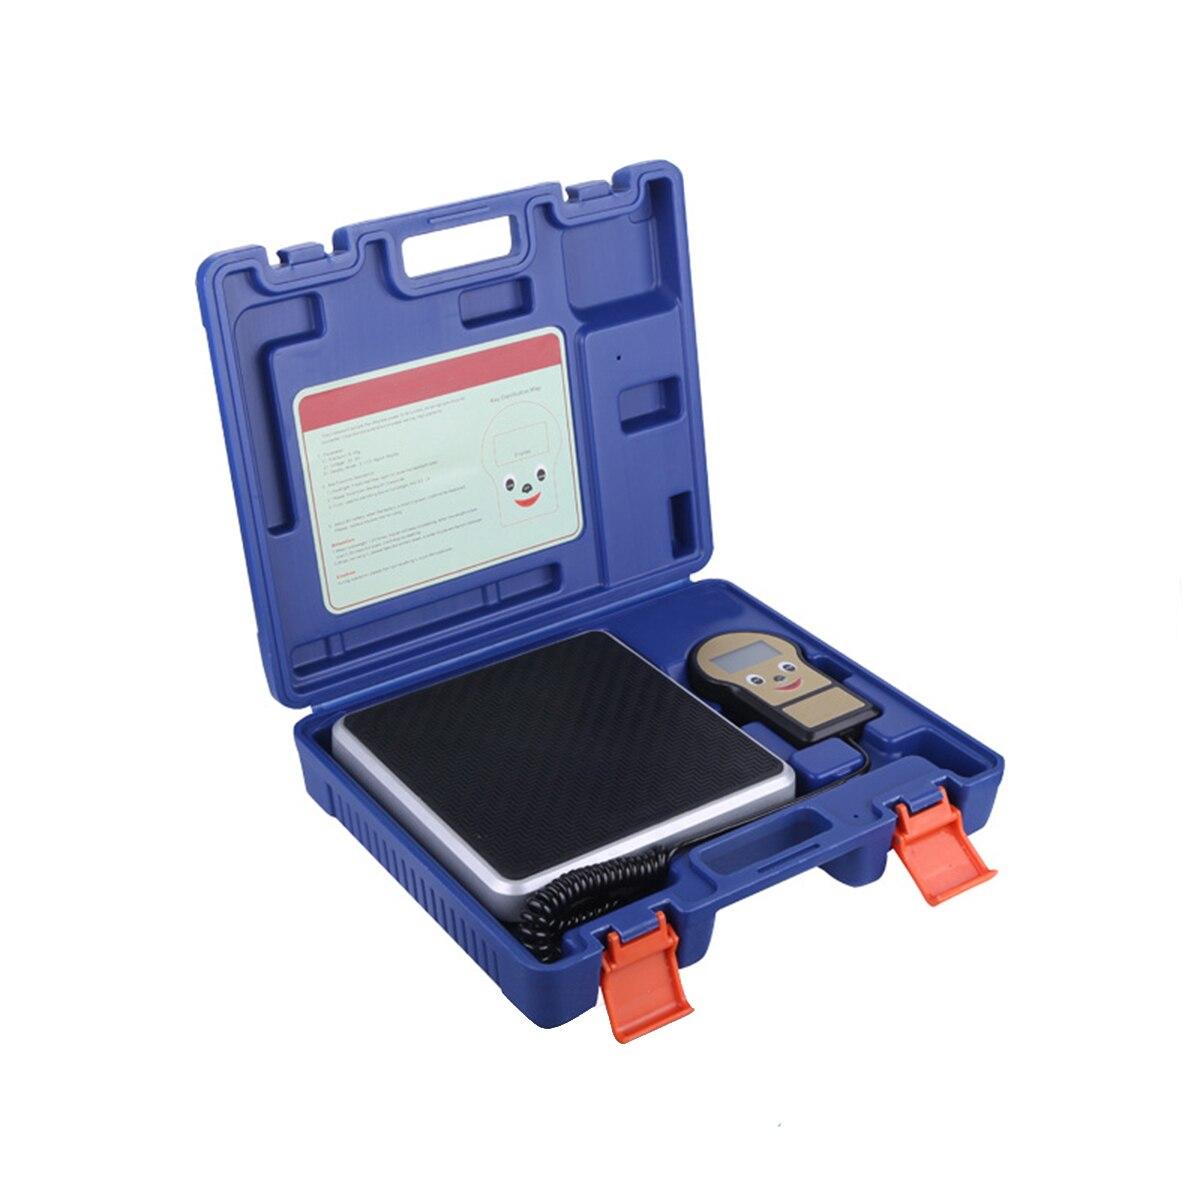 Escalas de Peso de Carregamento do Líquido Refrigerante da Escala Eletrônica de Digitas da Precisão Portátil de 100kg com Display Alta Digital Durável Lcd